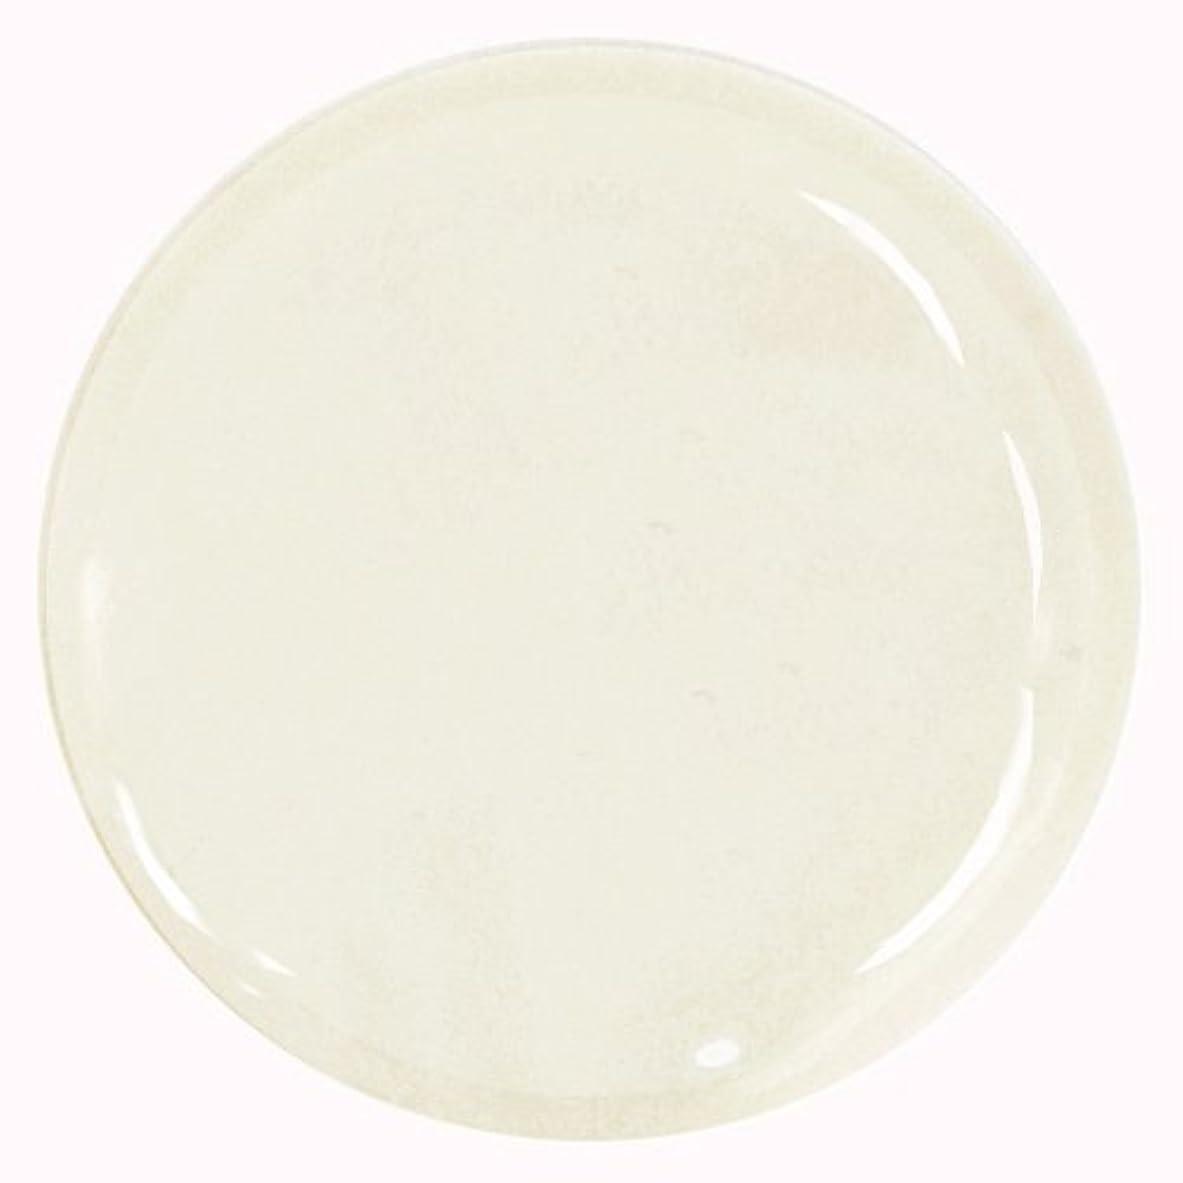 薬局東ティモール失態クリアジェル ソークオフジェル(3in1ソフトジェル)LED/UV 5g NC000